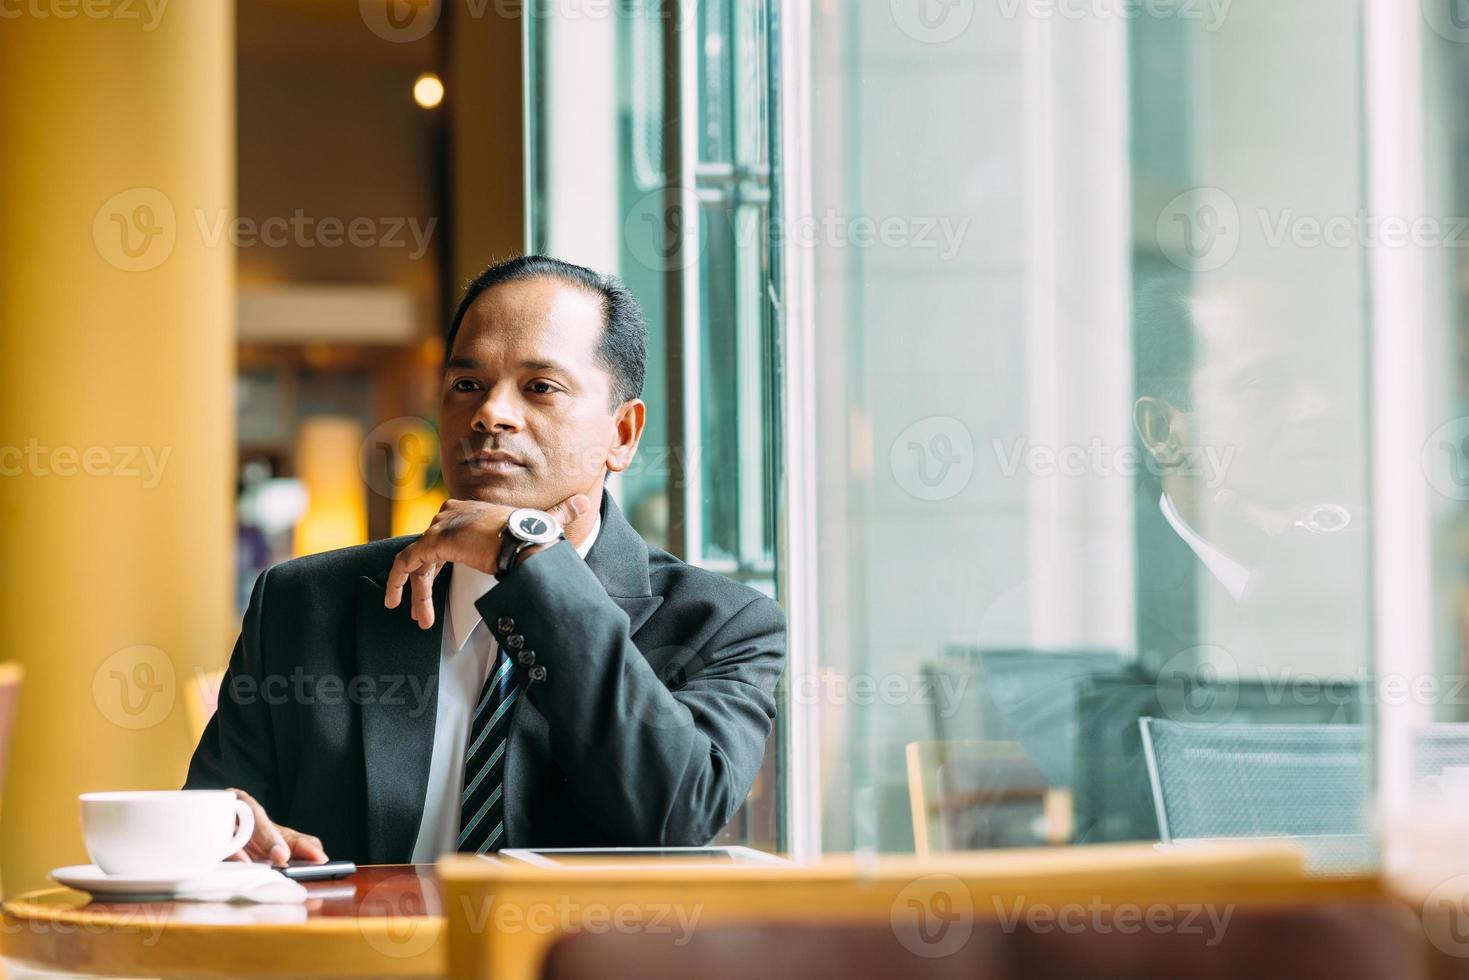 homme d'affaires indien pensif photo